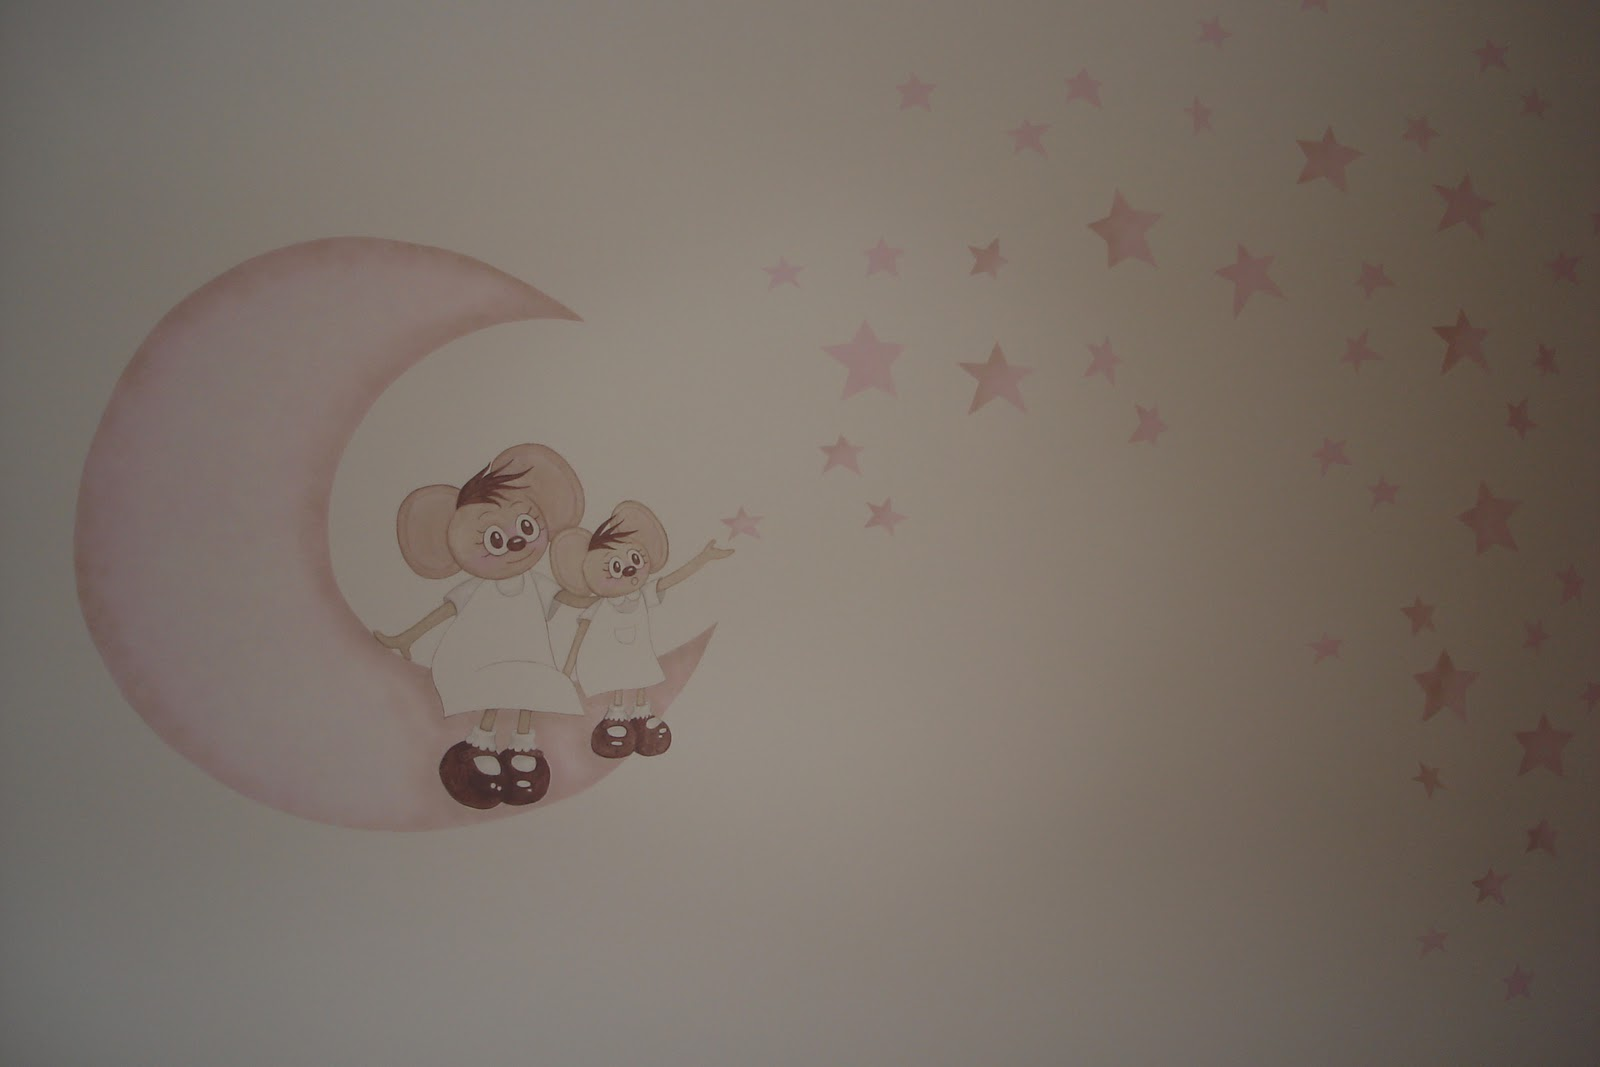 Aerografia y decoraci n habitaci n daniela - Pinturas habitaciones infantiles ...